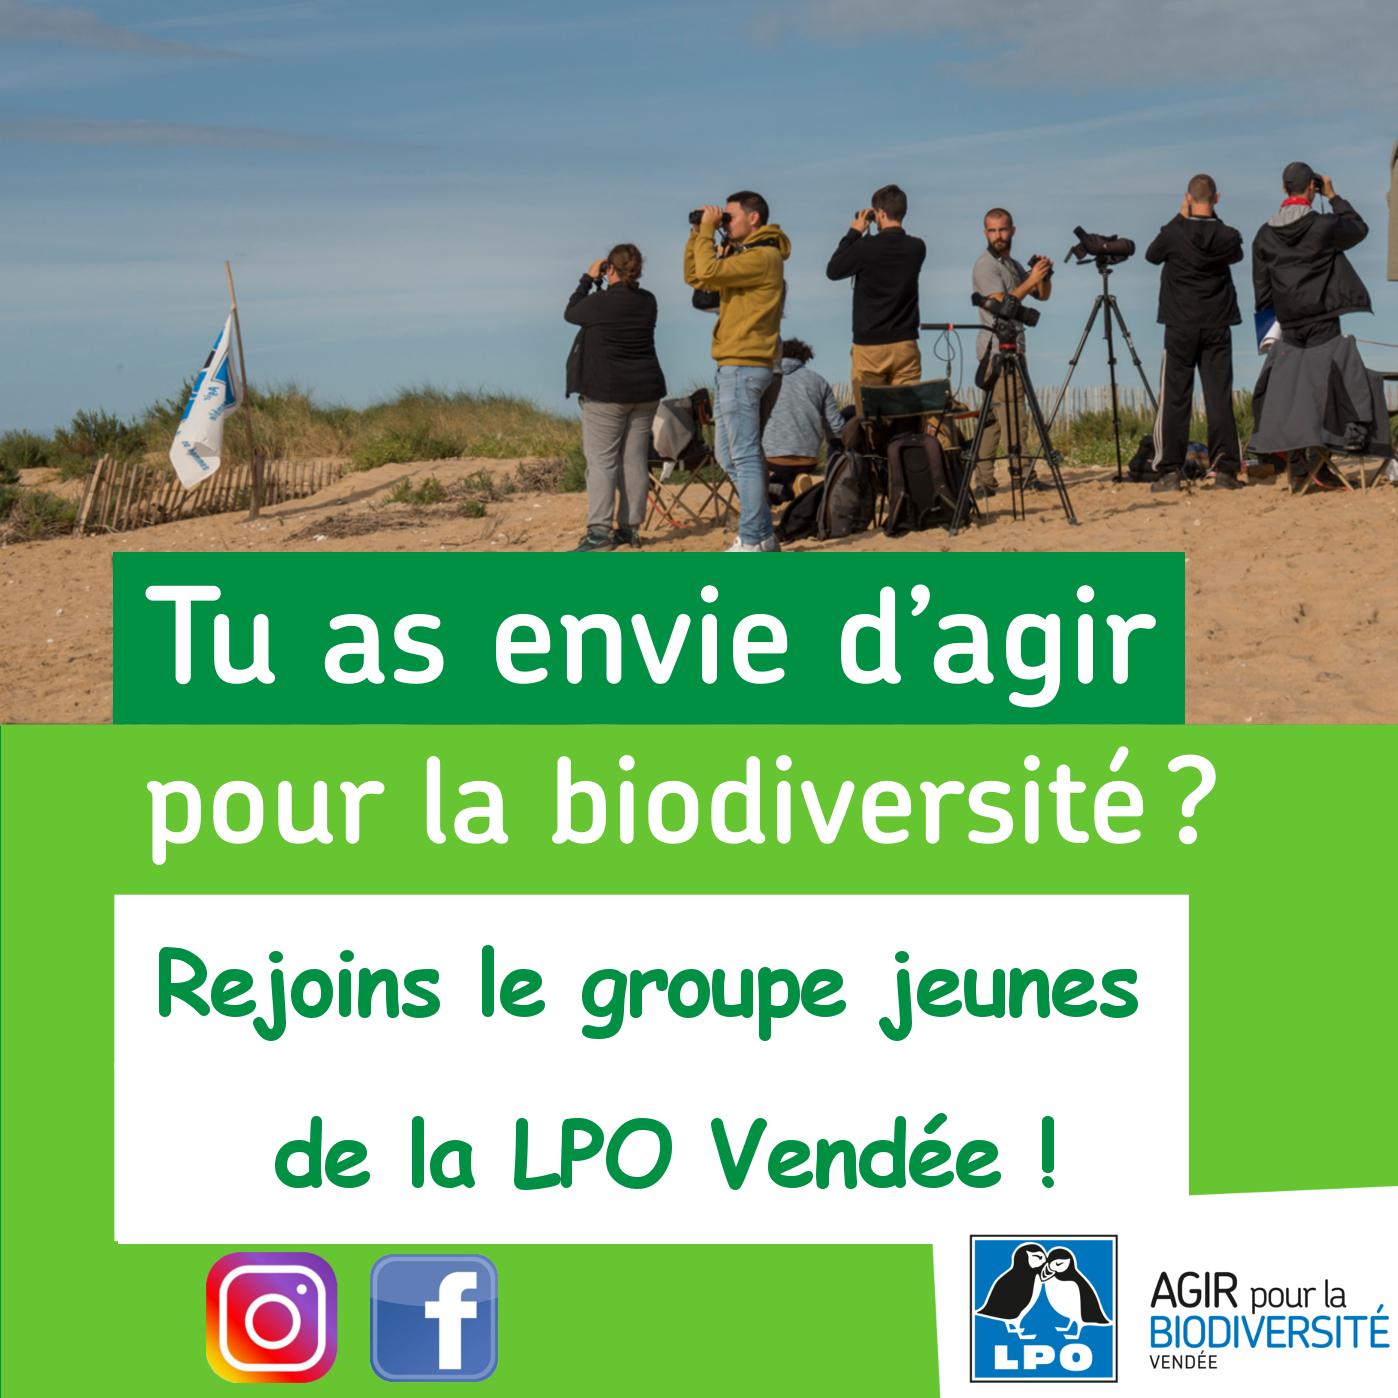 Soirée du groupe Jeunes de la LPO Vendée